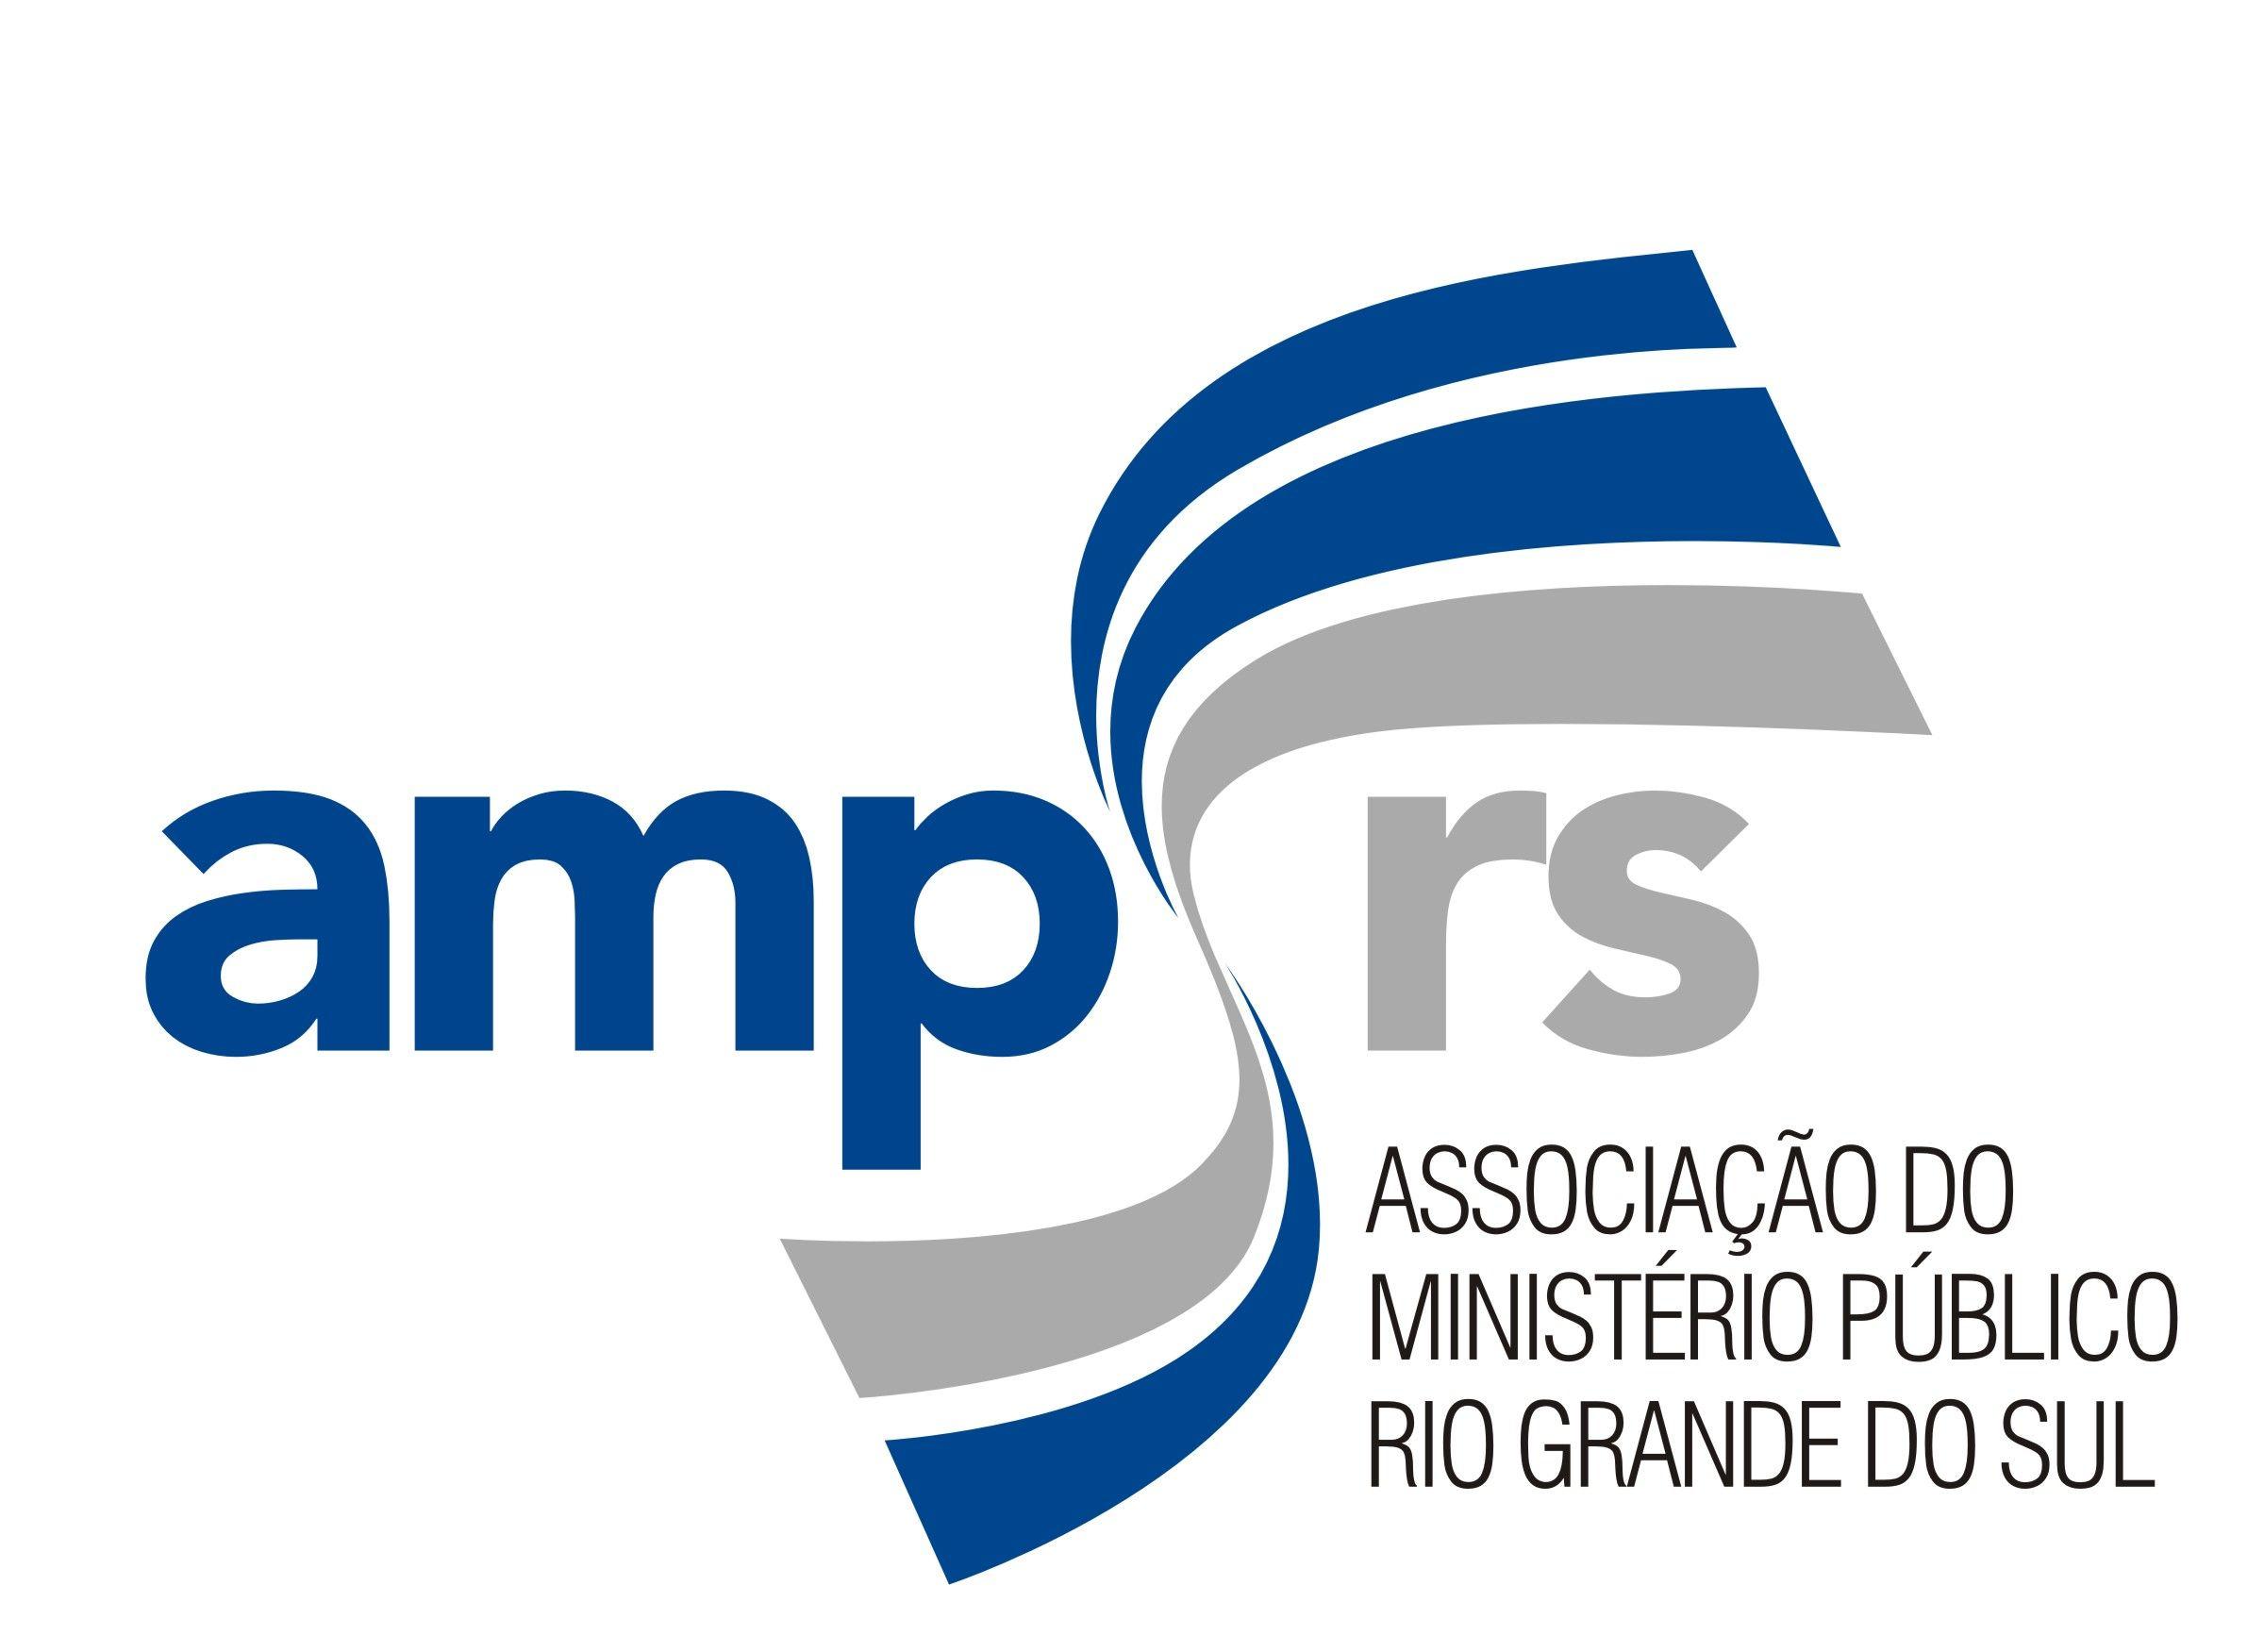 AMPRS - ASSOCIAÇÃO DO MINISTÉRIO PÚBLICO DO RIO GRANDE DO SUL